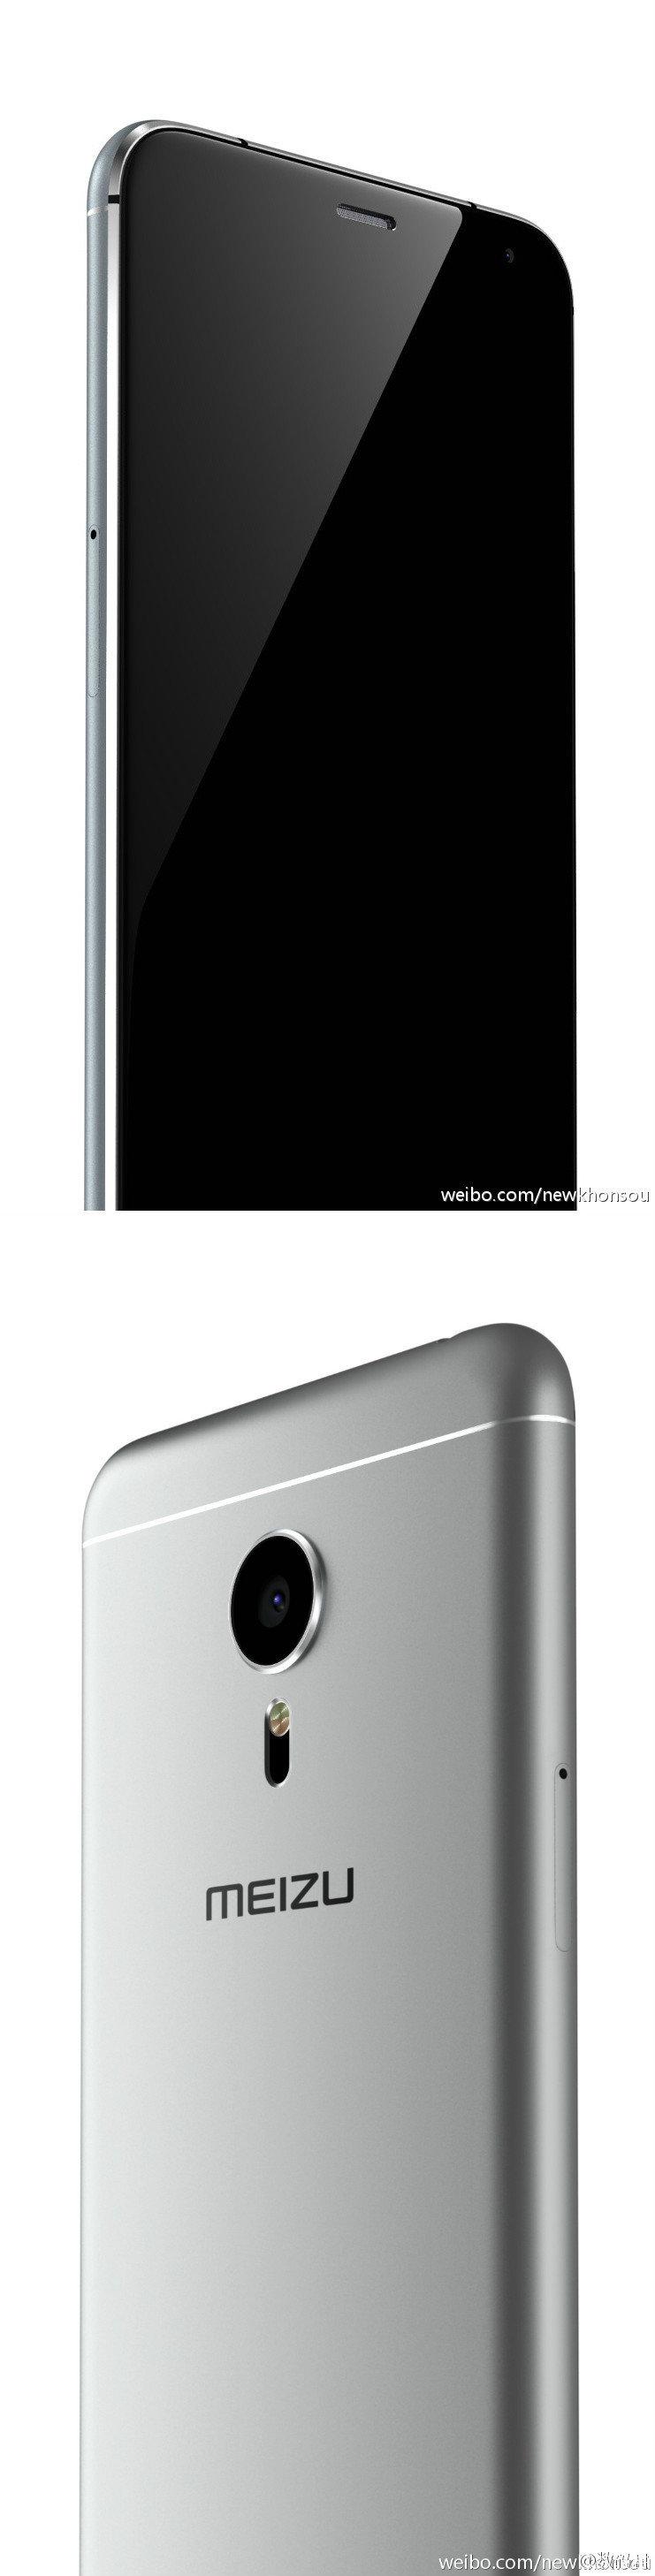 魅族3K旗舰现身:2.5D屏幕+金属机身的照片 - 5